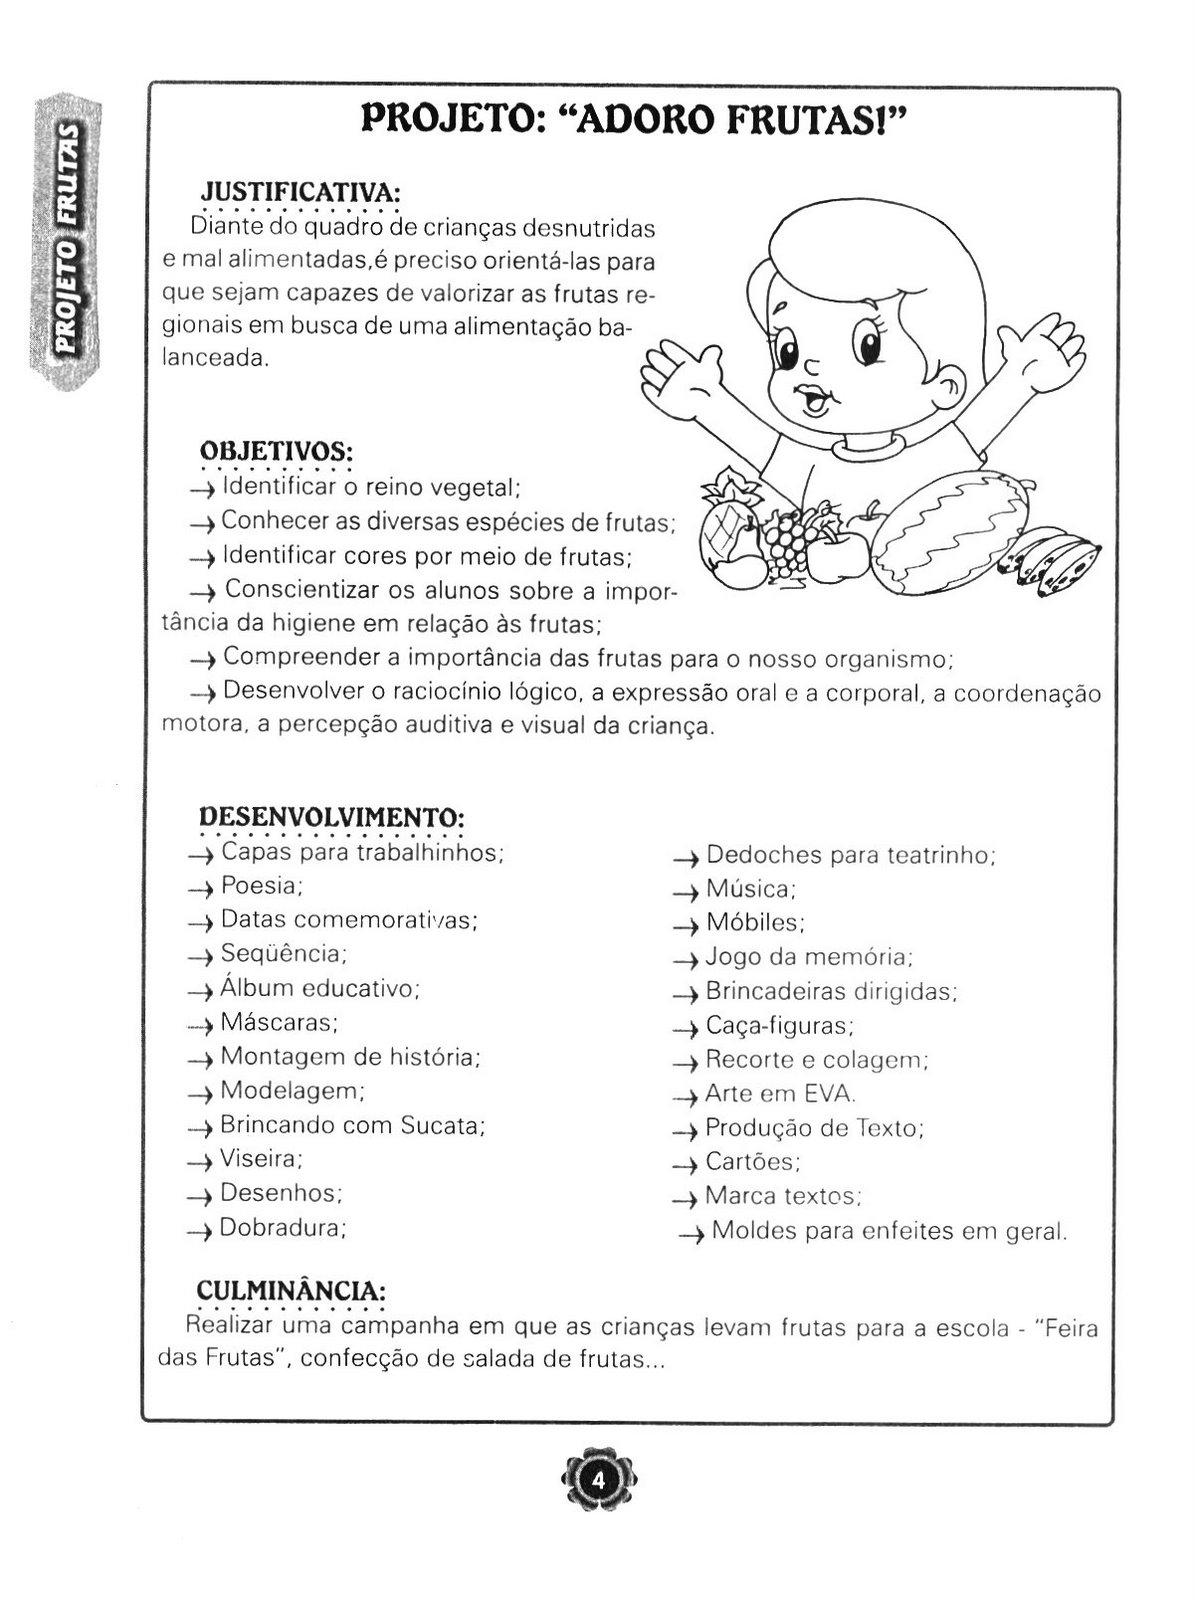 #313131 Projeto Adoro frutas para a educação infantil ESPAÇO EDUCAR 1195x1600 px Projeto Cozinha Na Educação Infantil_4295 Imagens